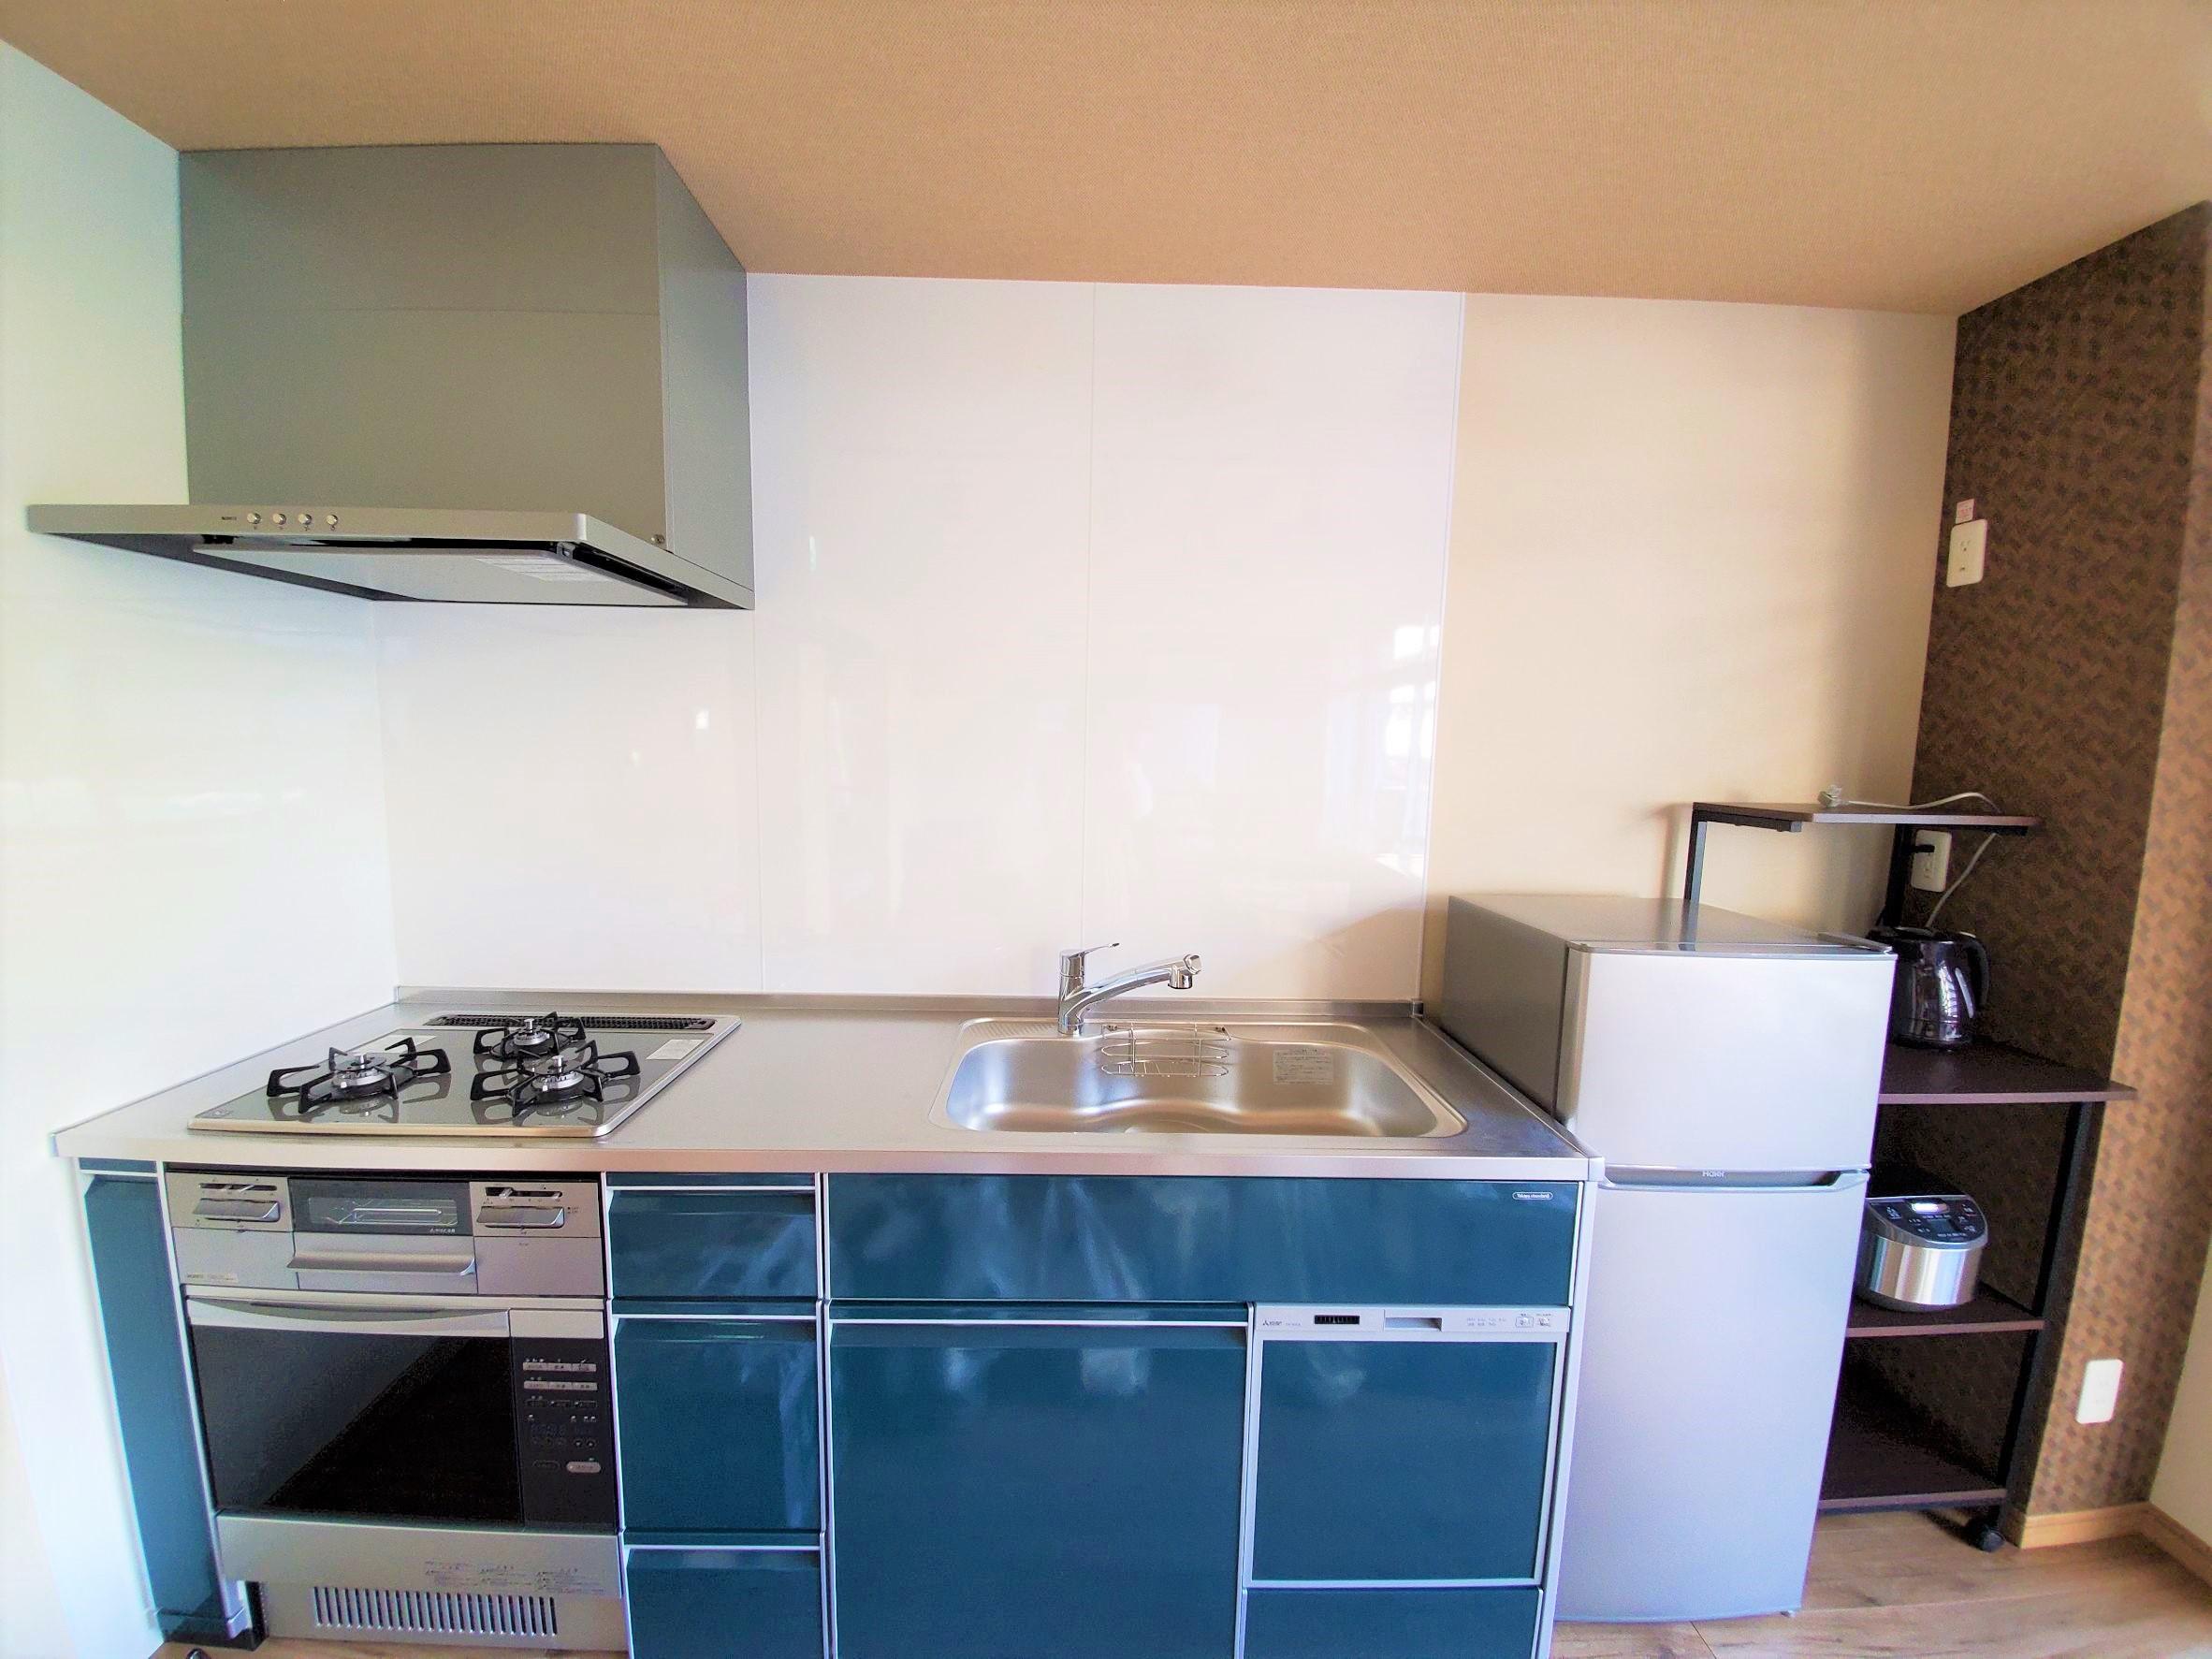 オーブン付システムキッチン